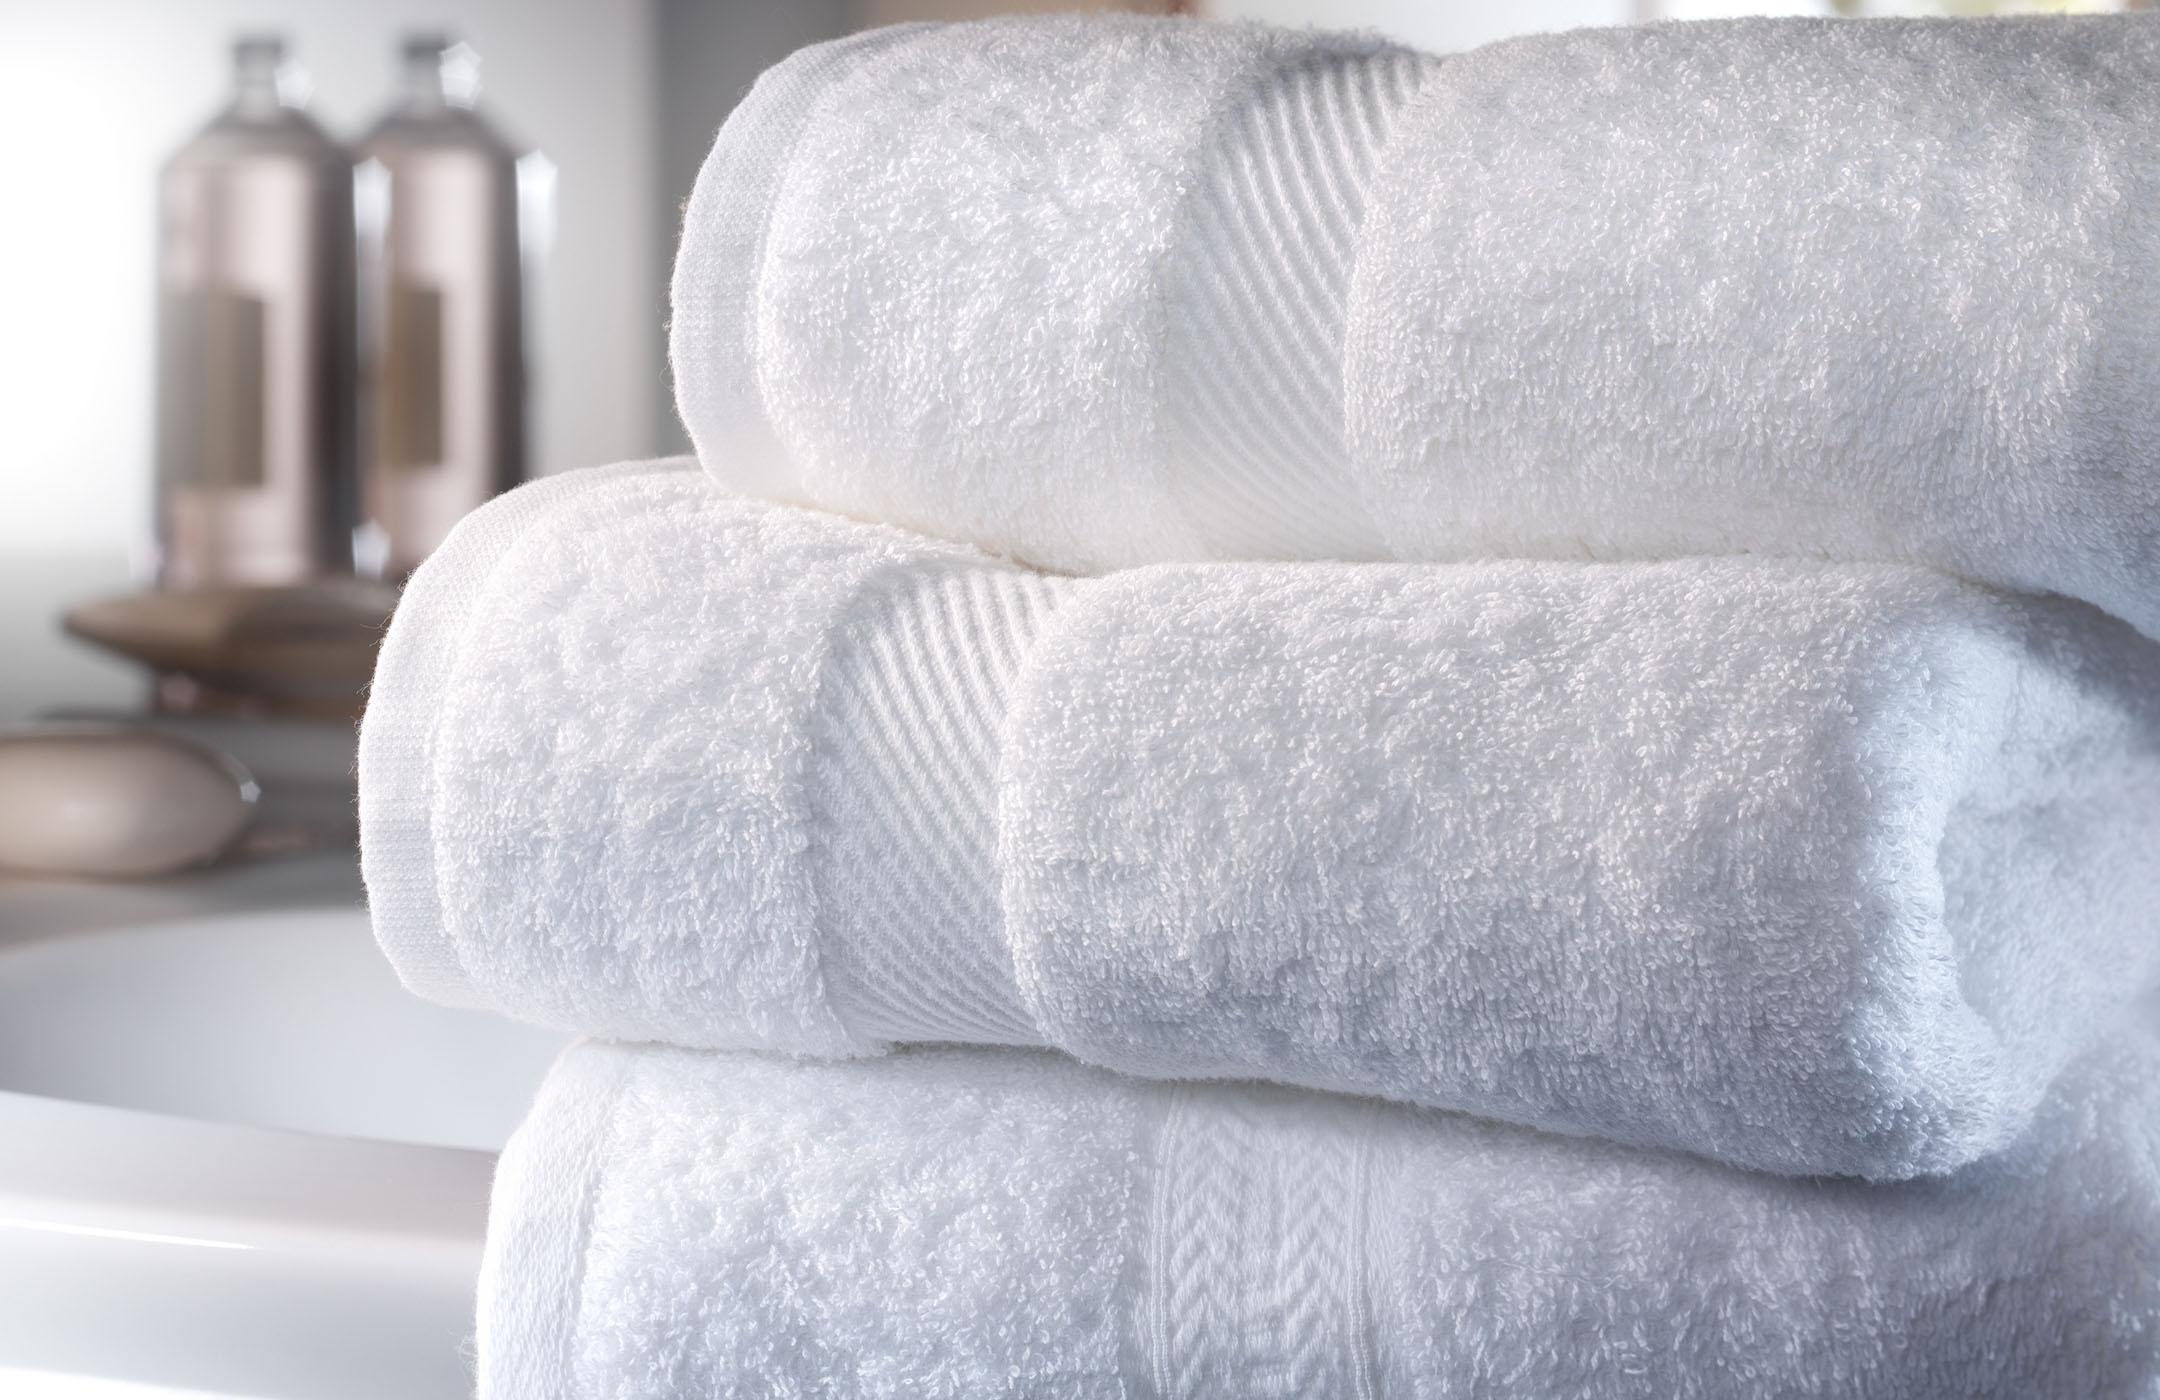 asciugamani-umidi